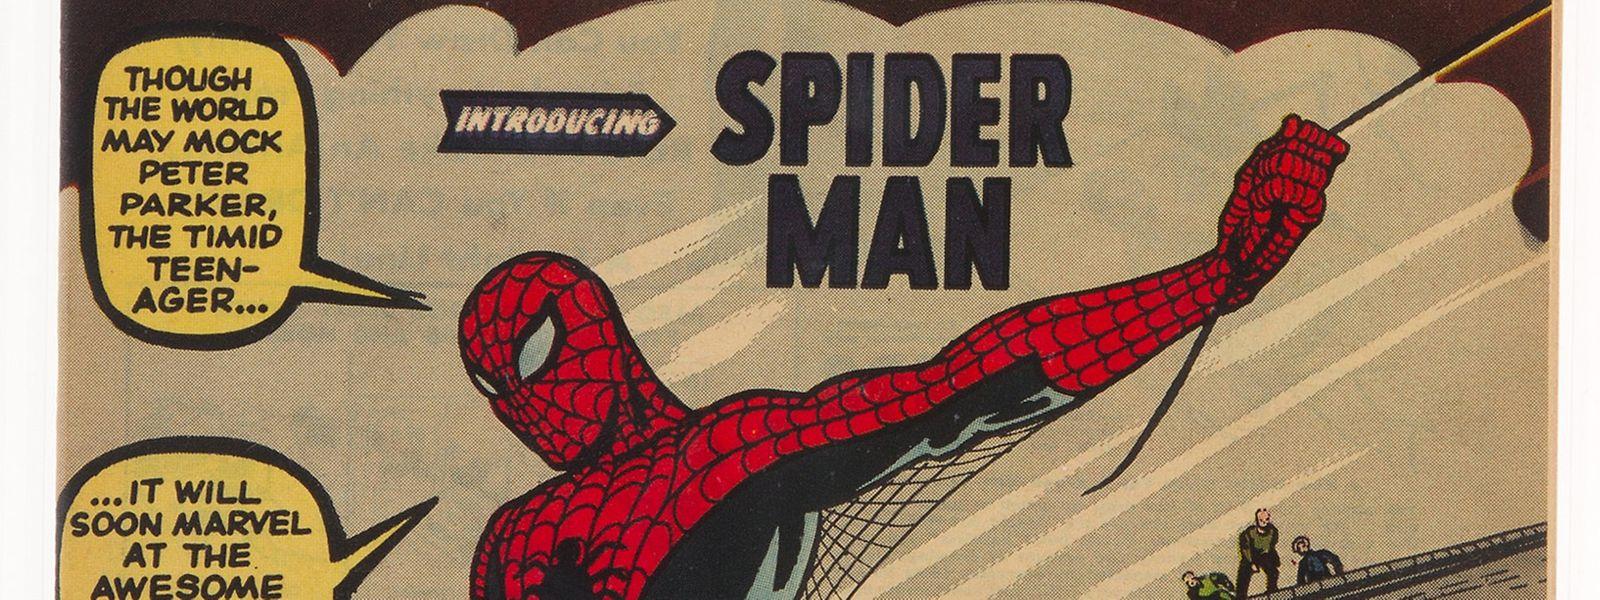 Als Peter Parker zu Spider-Man wurde - das Comicheft von 1962.